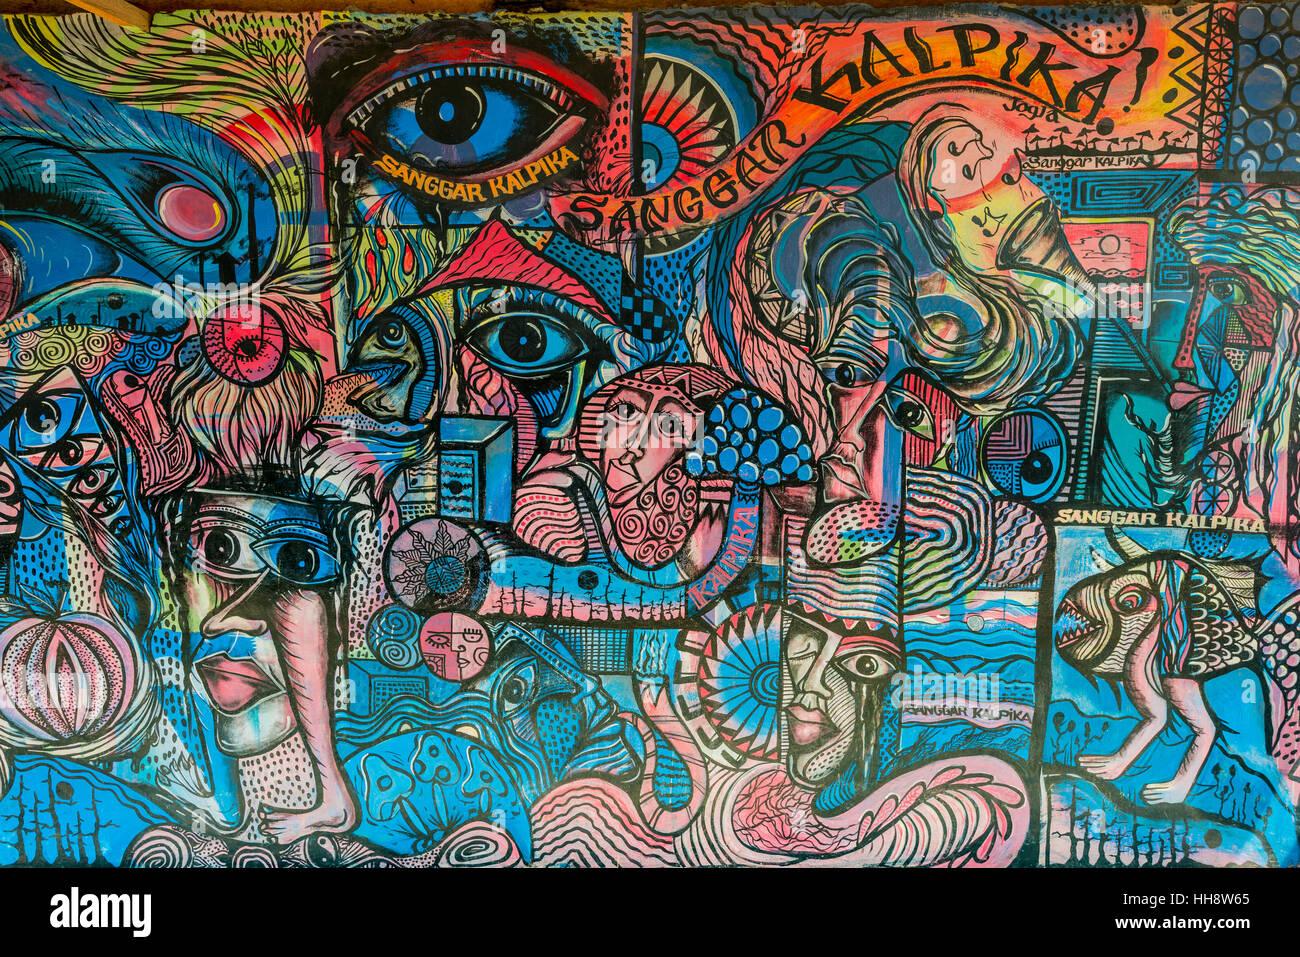 Street Art, colorati graffiti con gli occhi e con facce, Yogyakarta, Java, Indonesia Immagini Stock